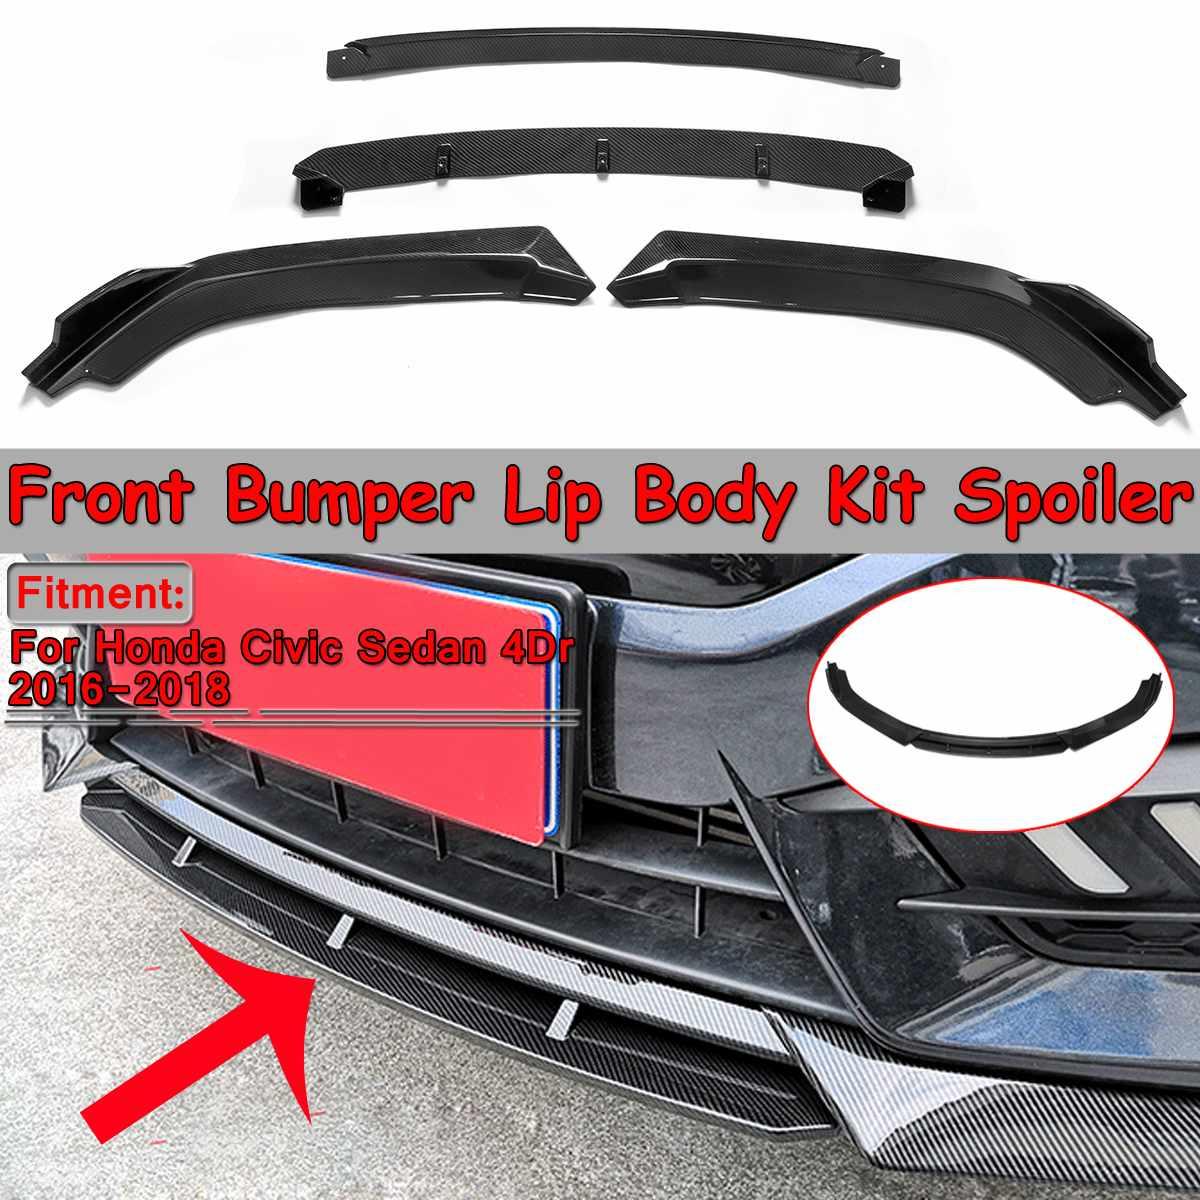 חדש 4pcs רכב קדמי פגוש שפתיים ספליטר מפזר שפתיים גוף ערכת ספוילר פגושים מגן להונדה סיוויק סדאן 4Dr 2016-2018